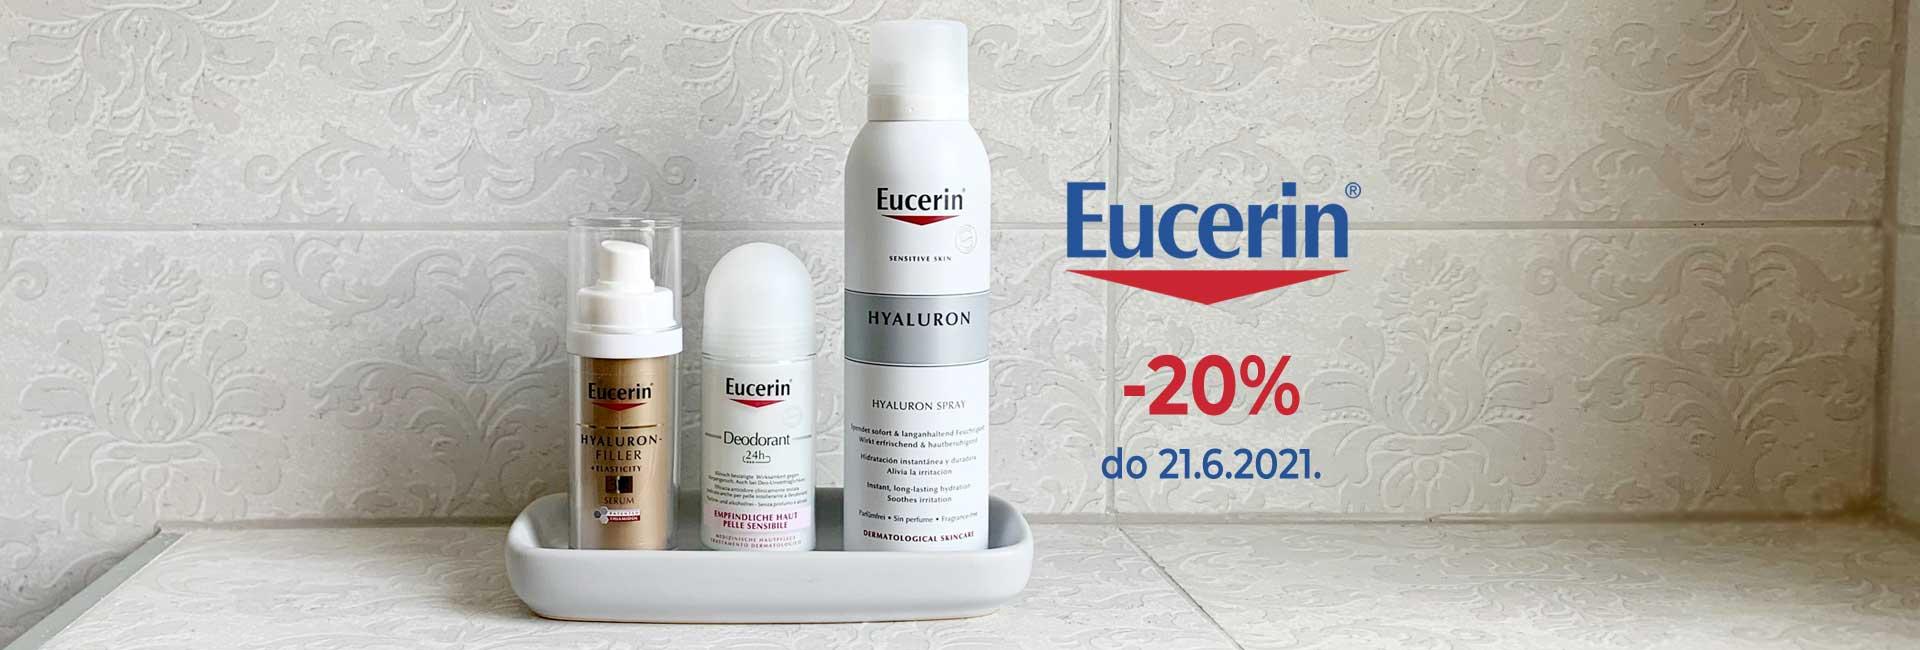 eucerin -20% do 21.6.21.